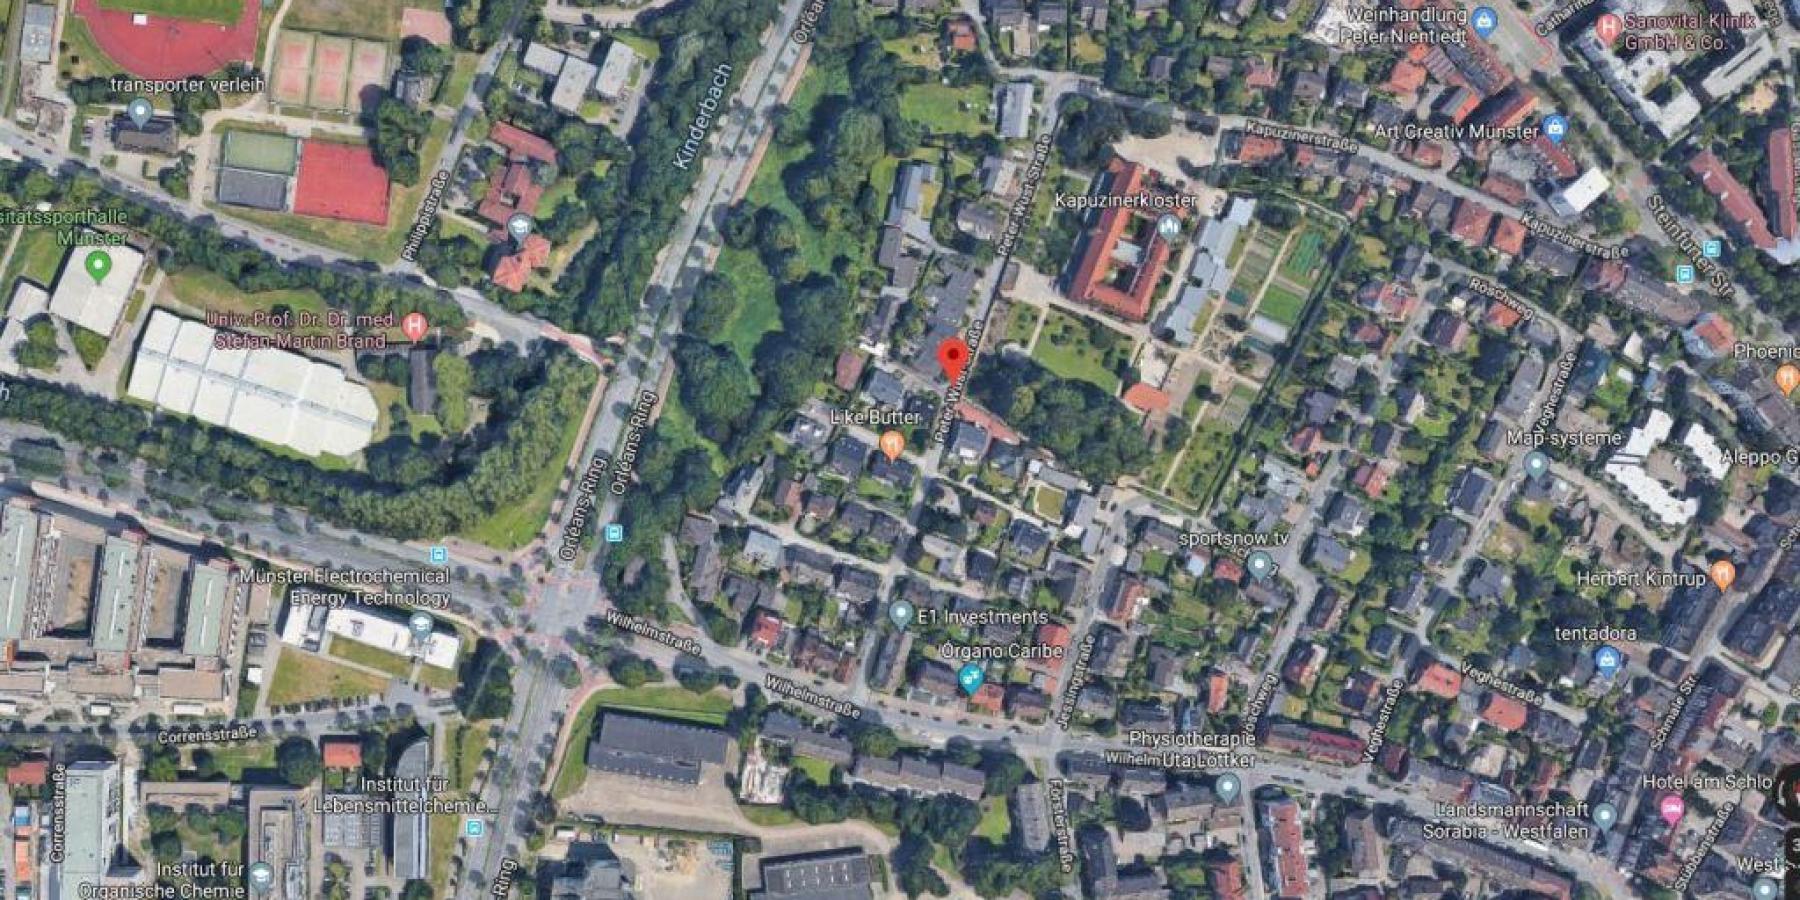 Peter-Wust-Straße ab Montag abschnittweise gesperrt